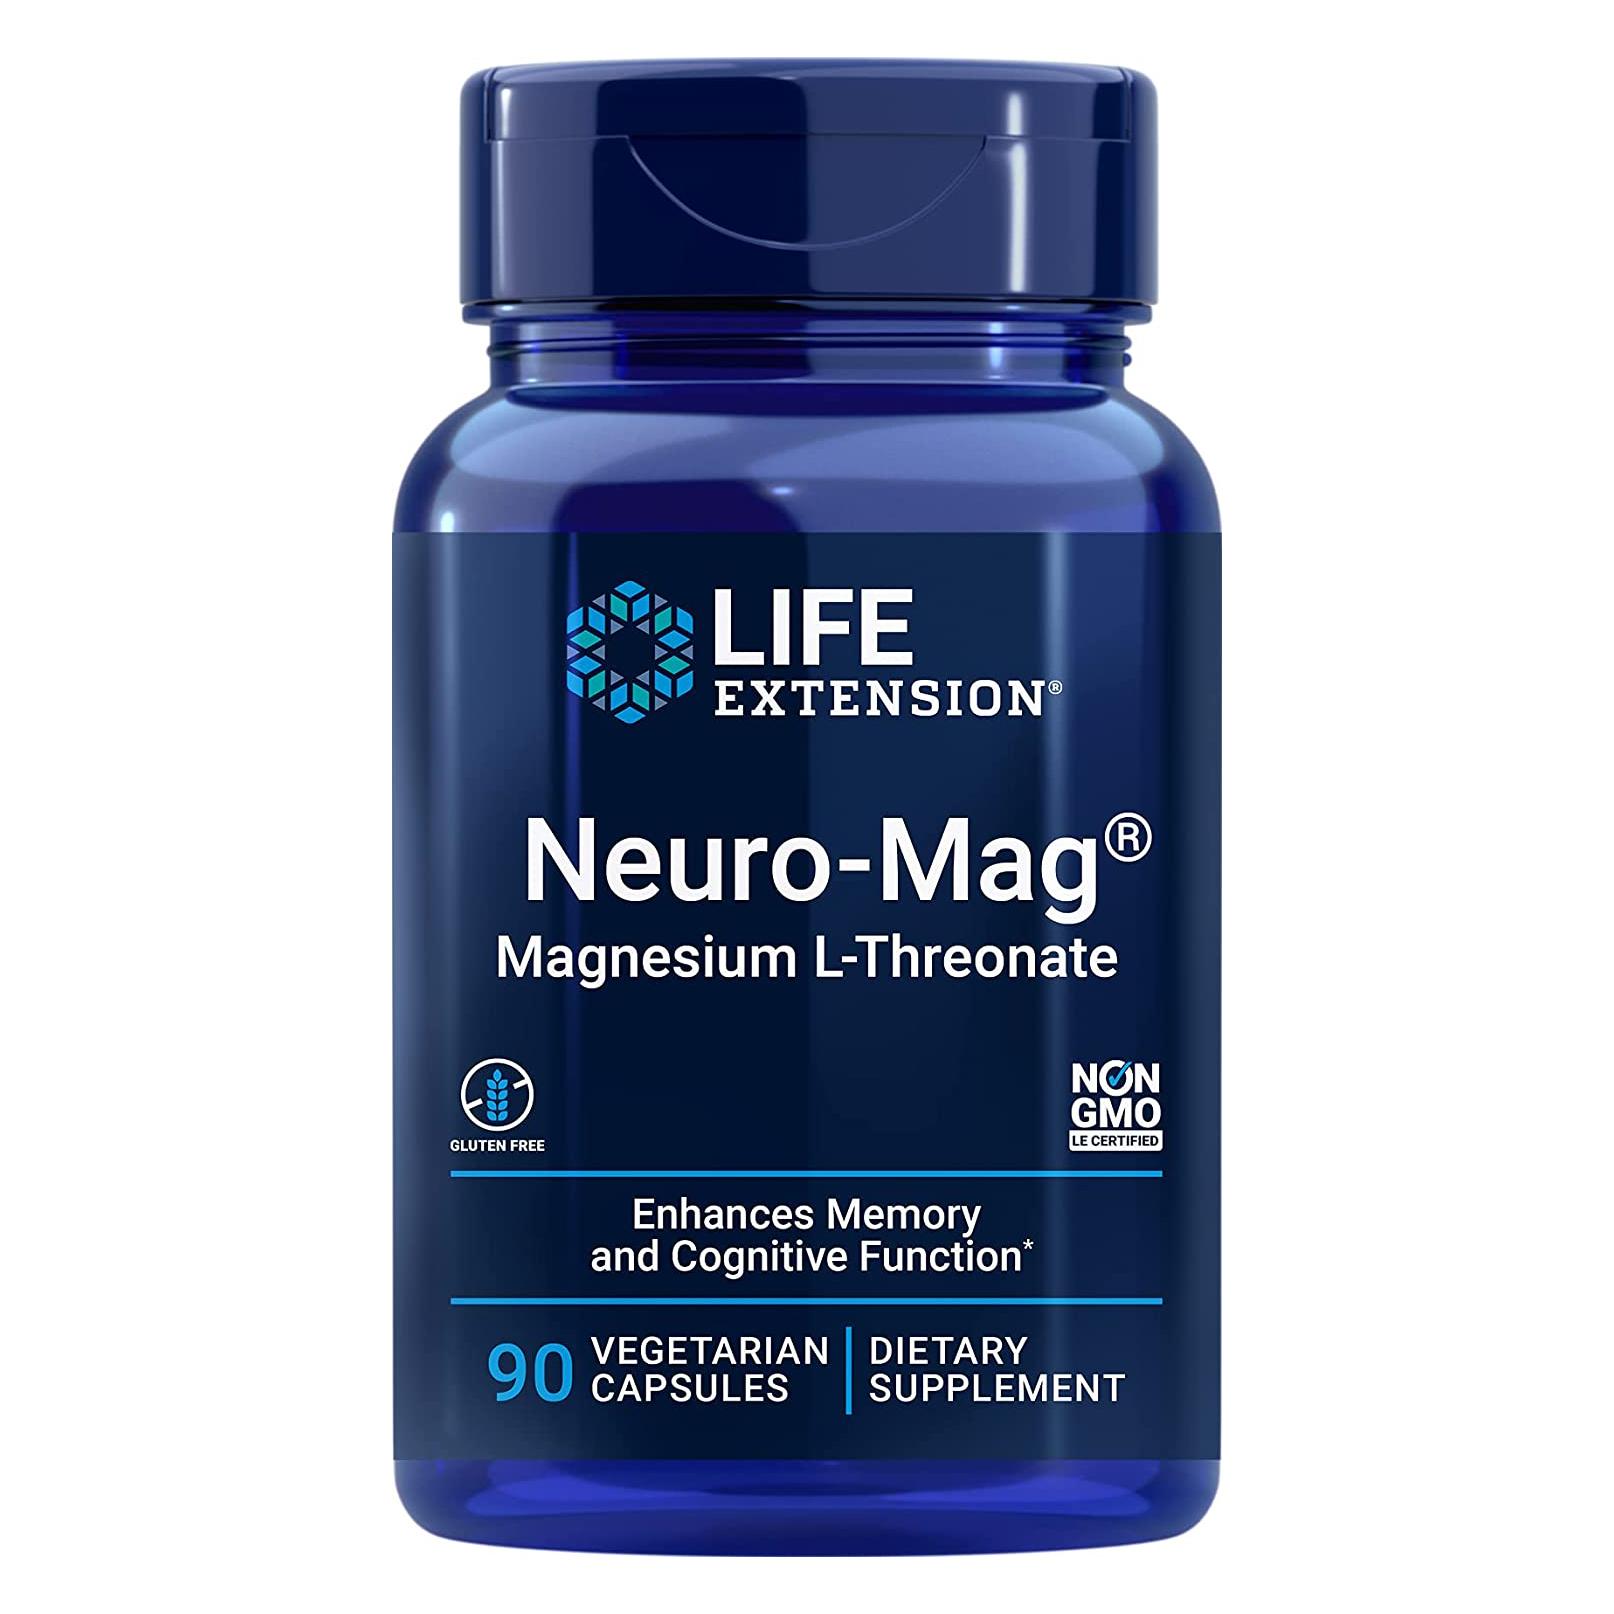 年中無休 Life Extension ライフエクステンション Neuro-Mag ☆送料無料☆ 当日発送可能 ニューロマグ 海外直送品 L-スレオネート 90ベジタリアンカプセル マグネシウム